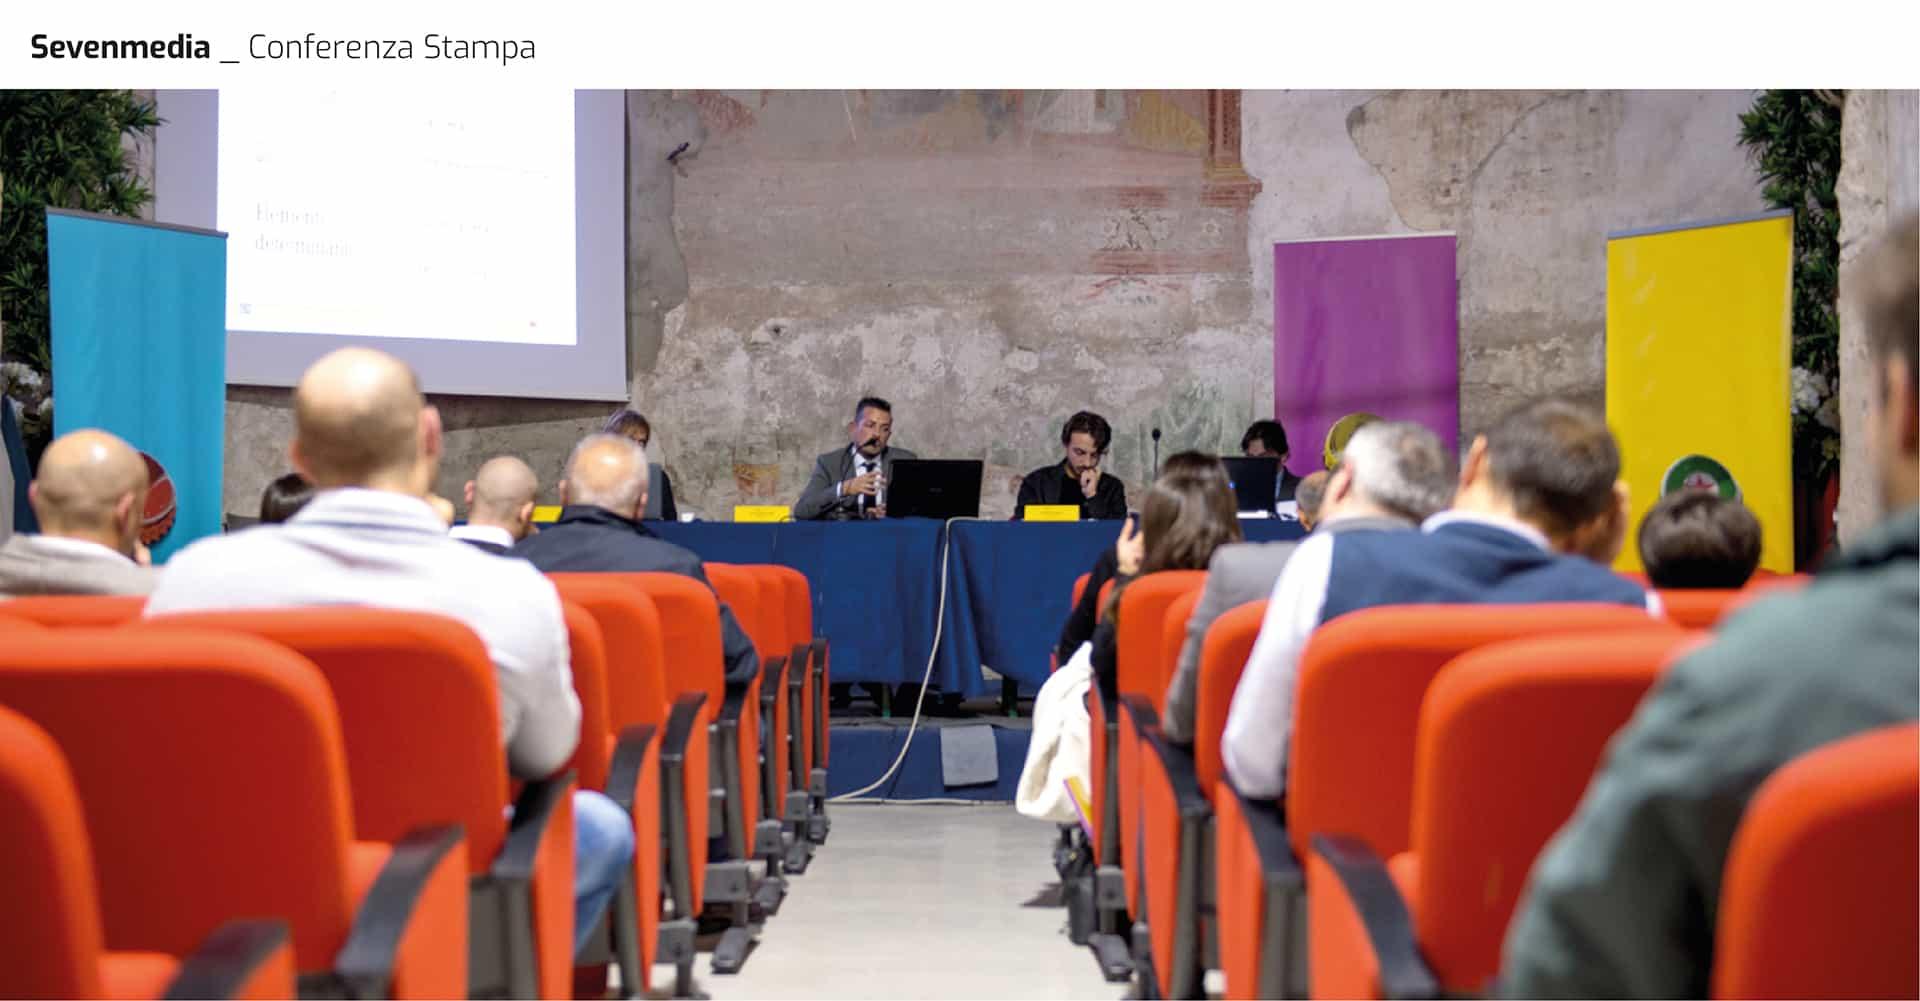 conferenze stampa